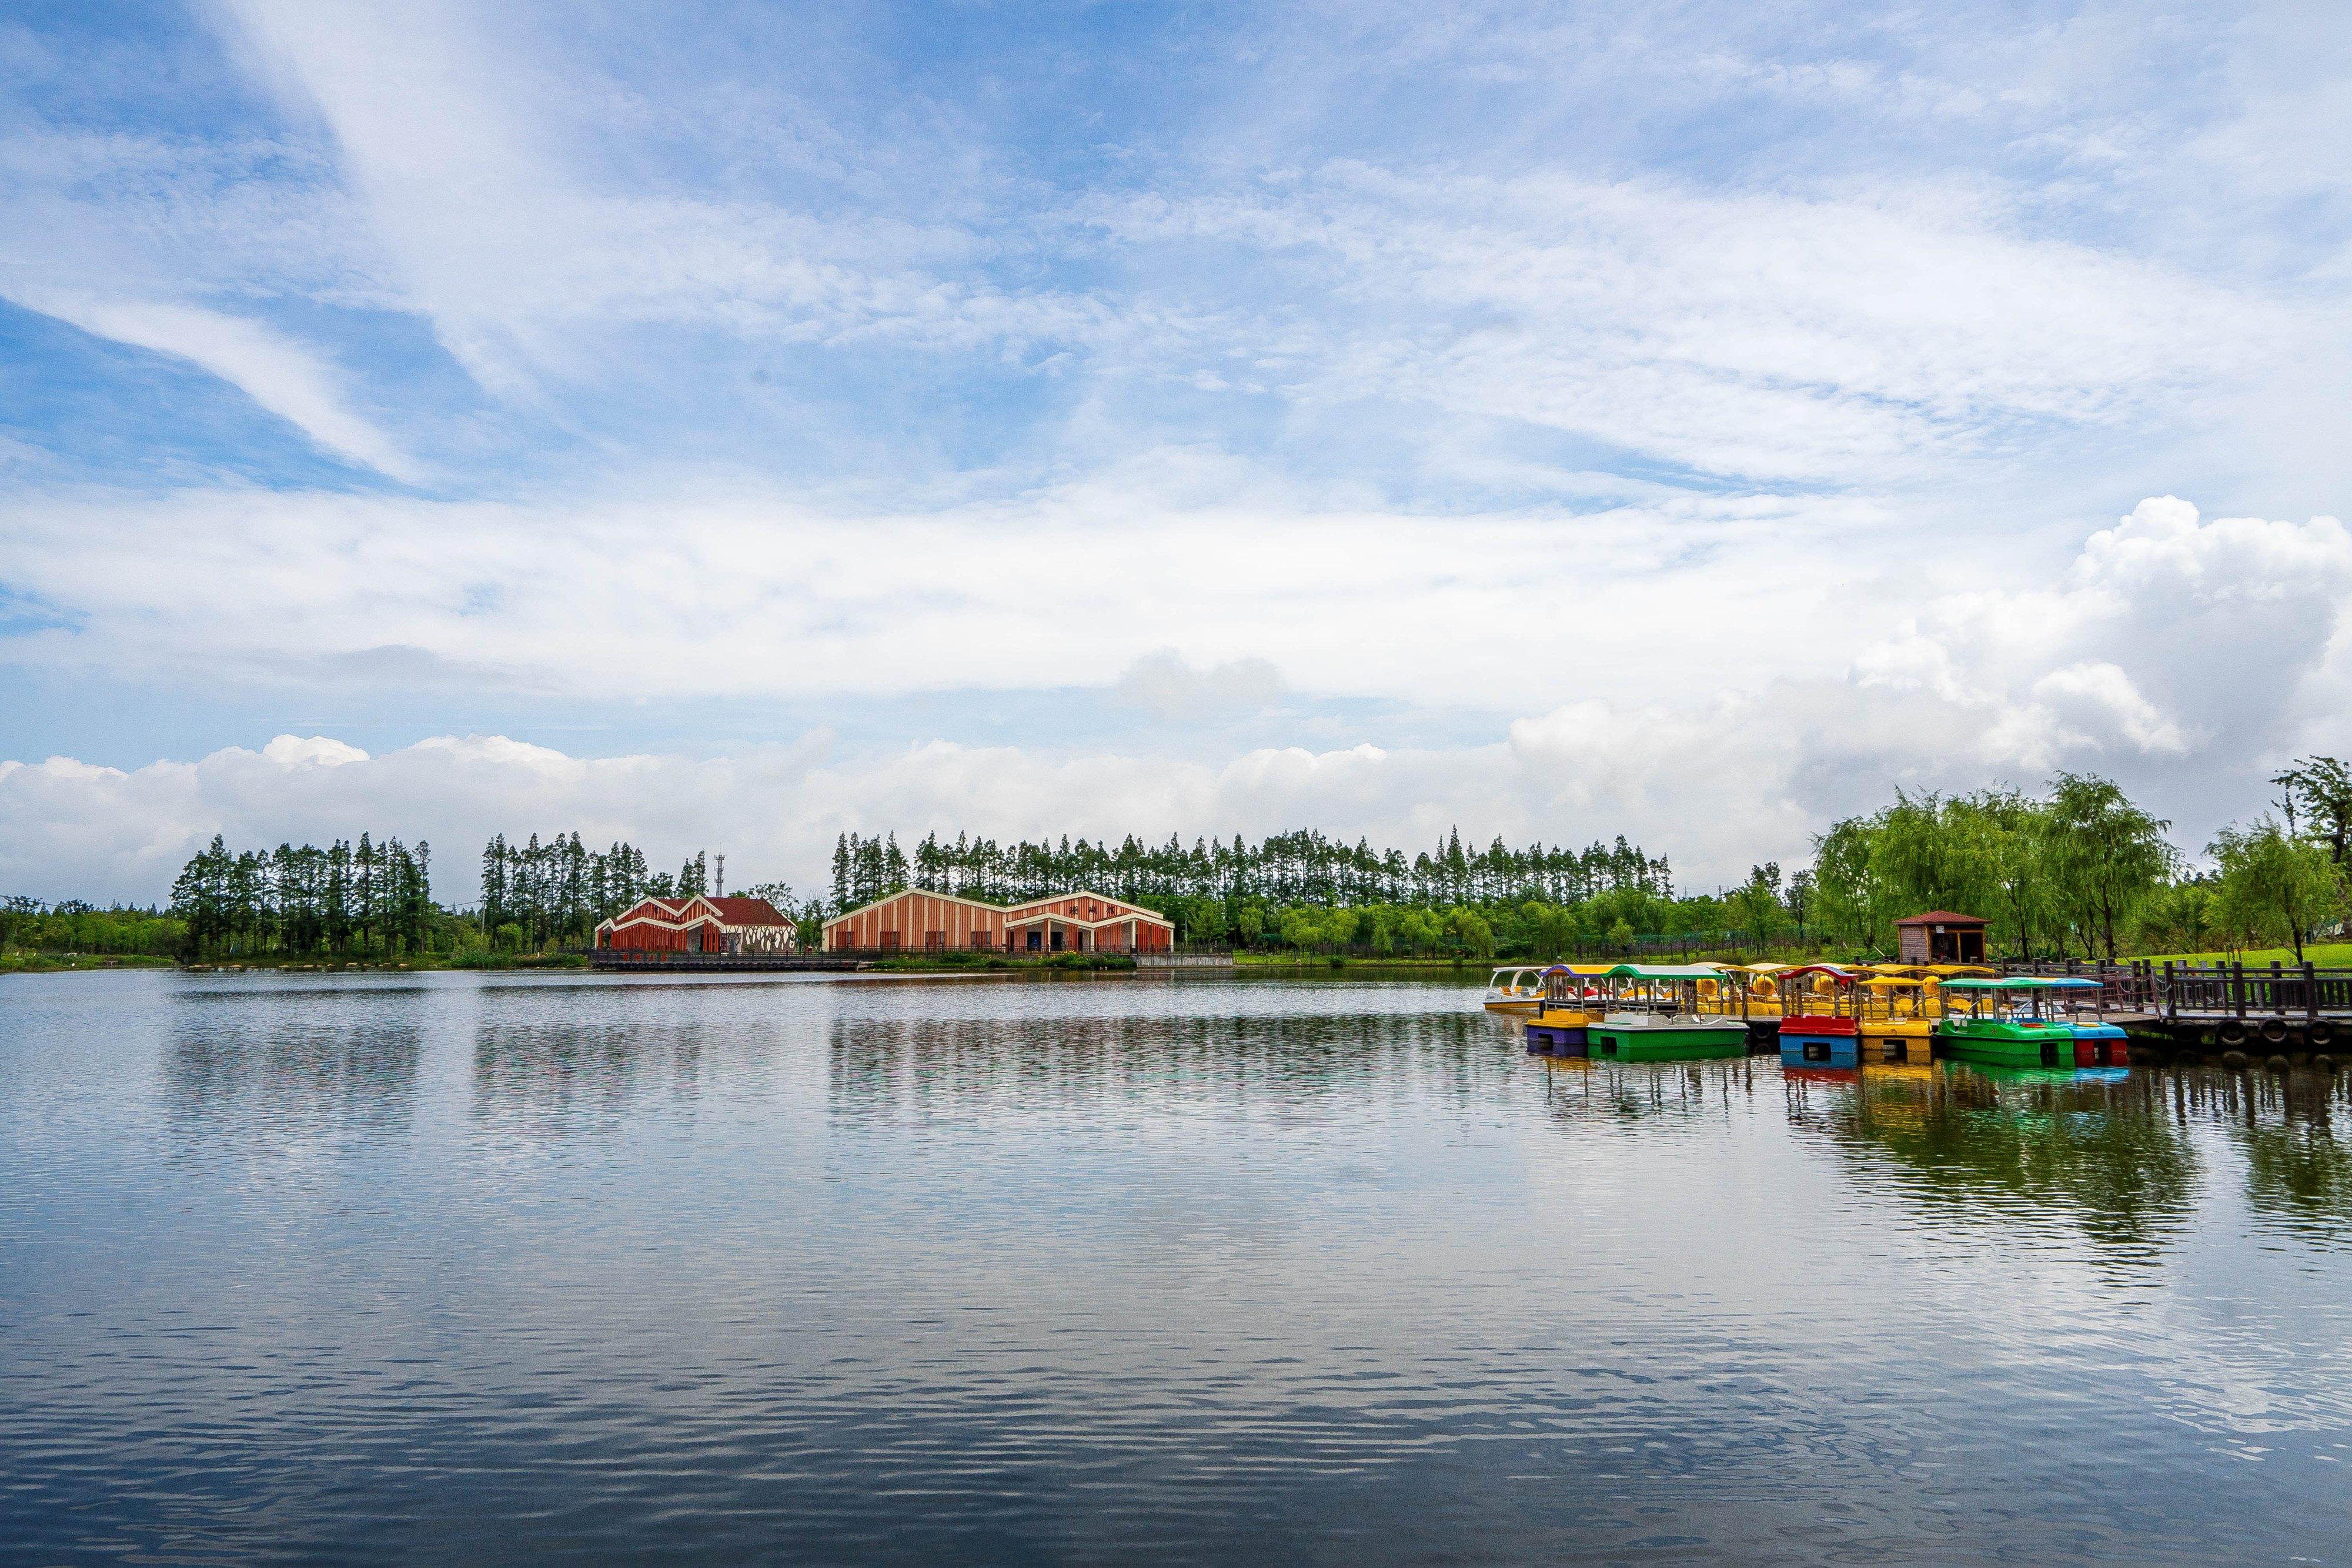 上海崇明长兴岛郊野公园 -07178